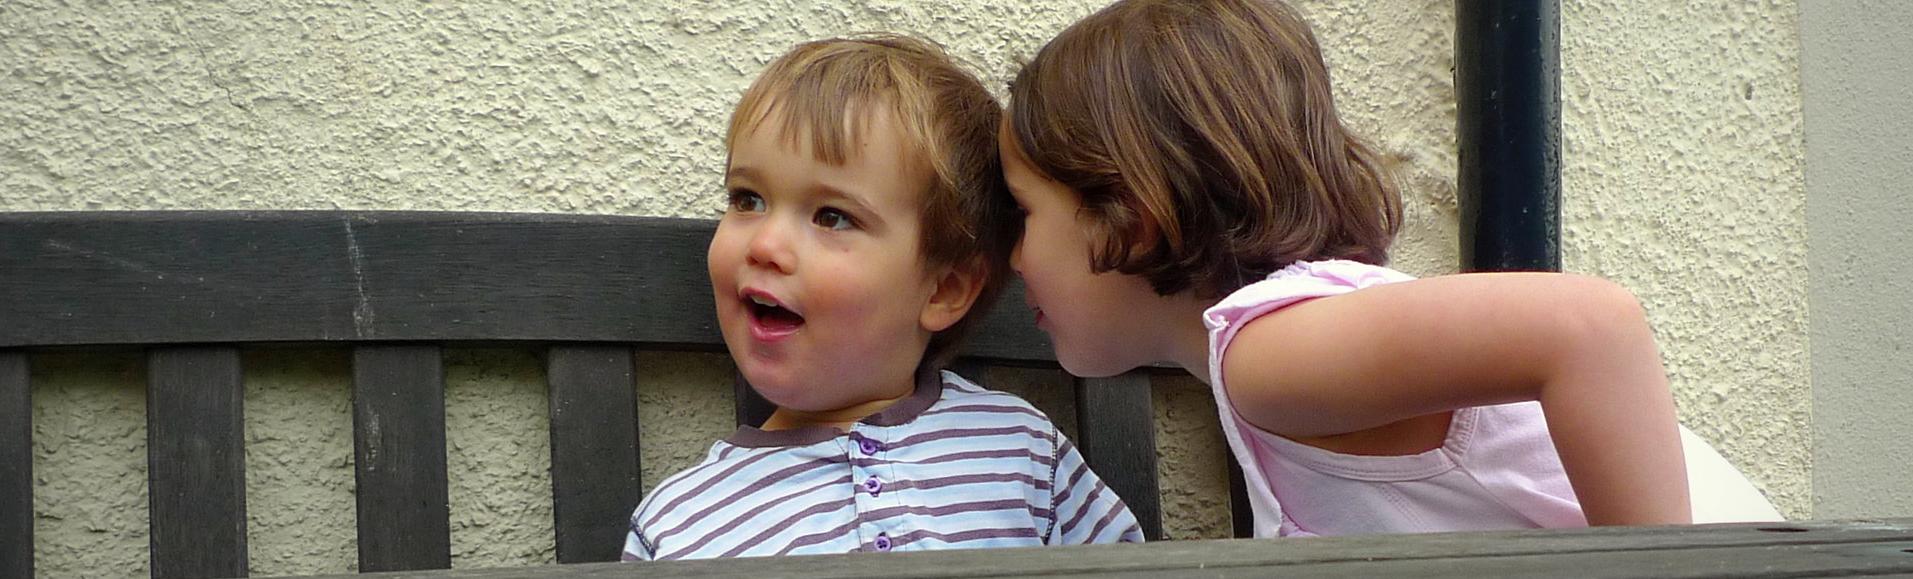 Zwei Kinder flüstern sich etwas zu.